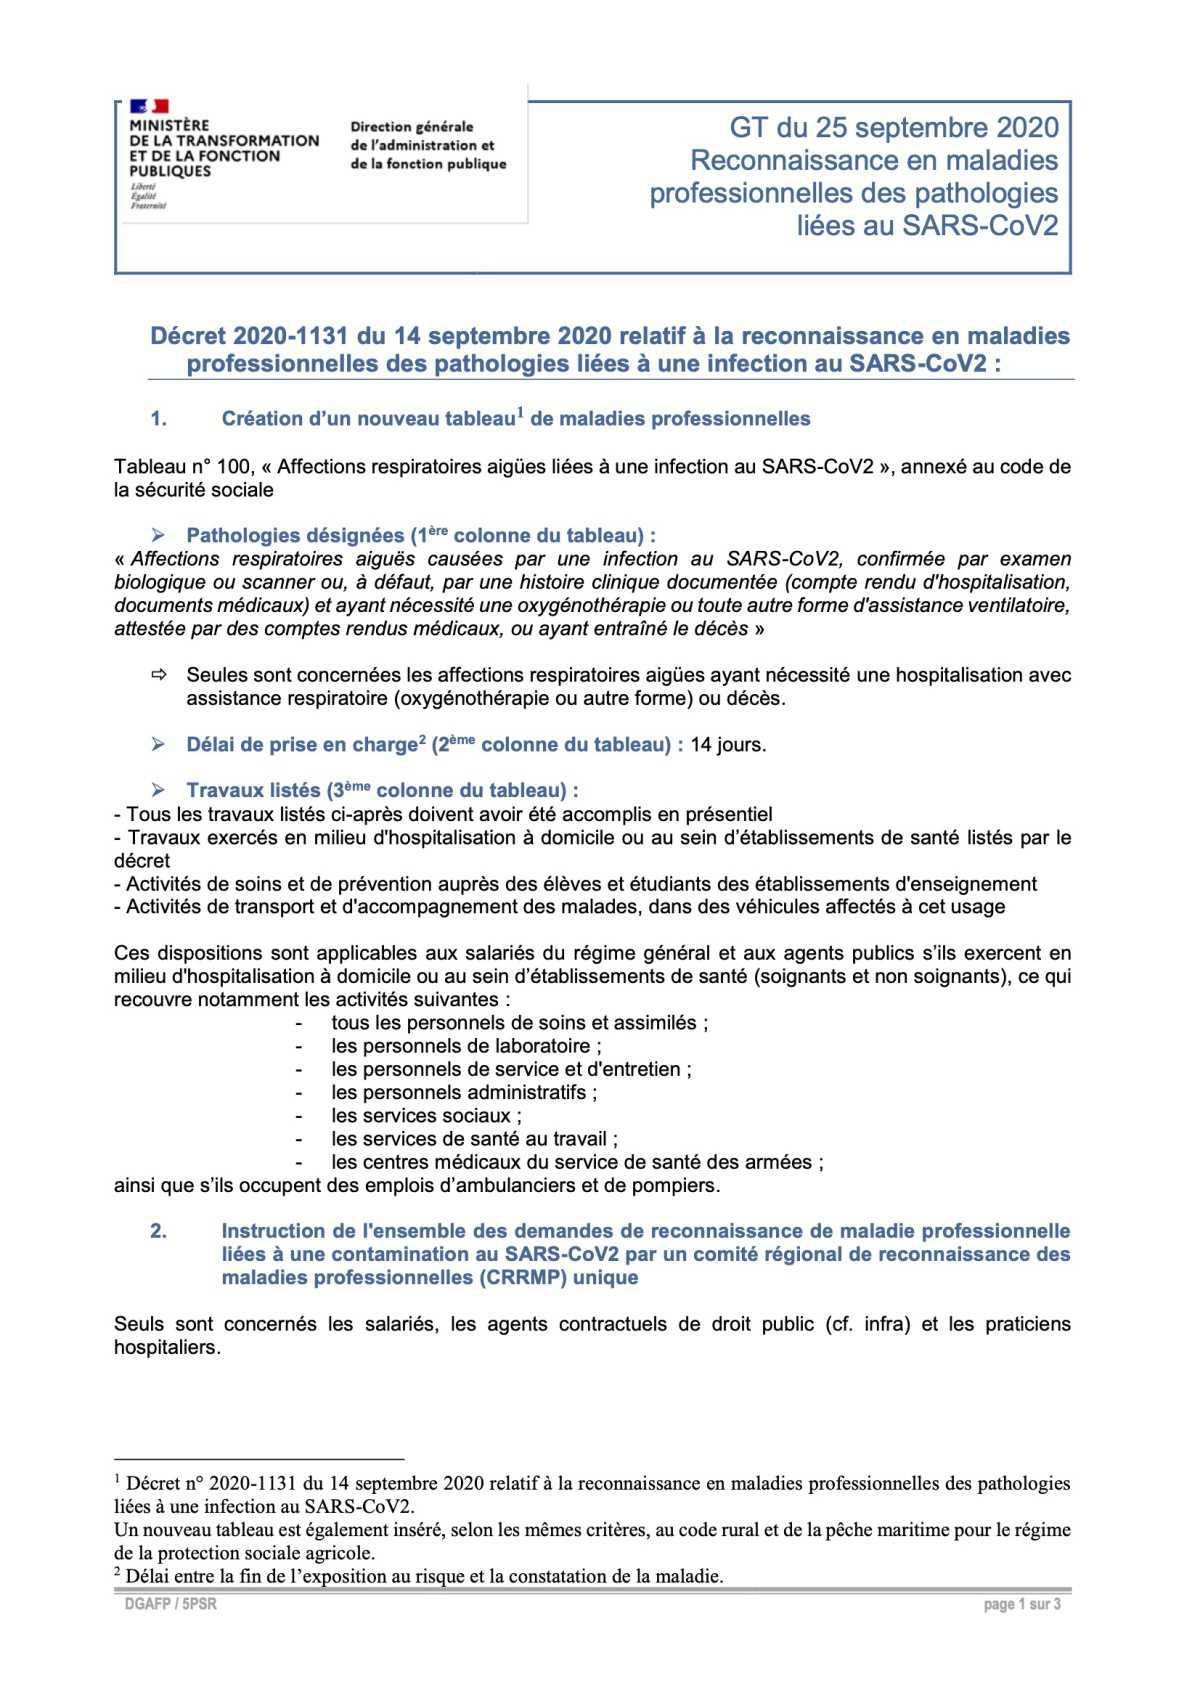 Décret 2020-1131 du 14 septembre 2020 relatif à la reconnaissance en maladies professionnelles des pathologies liées à une infection au SARS-CoV2 :